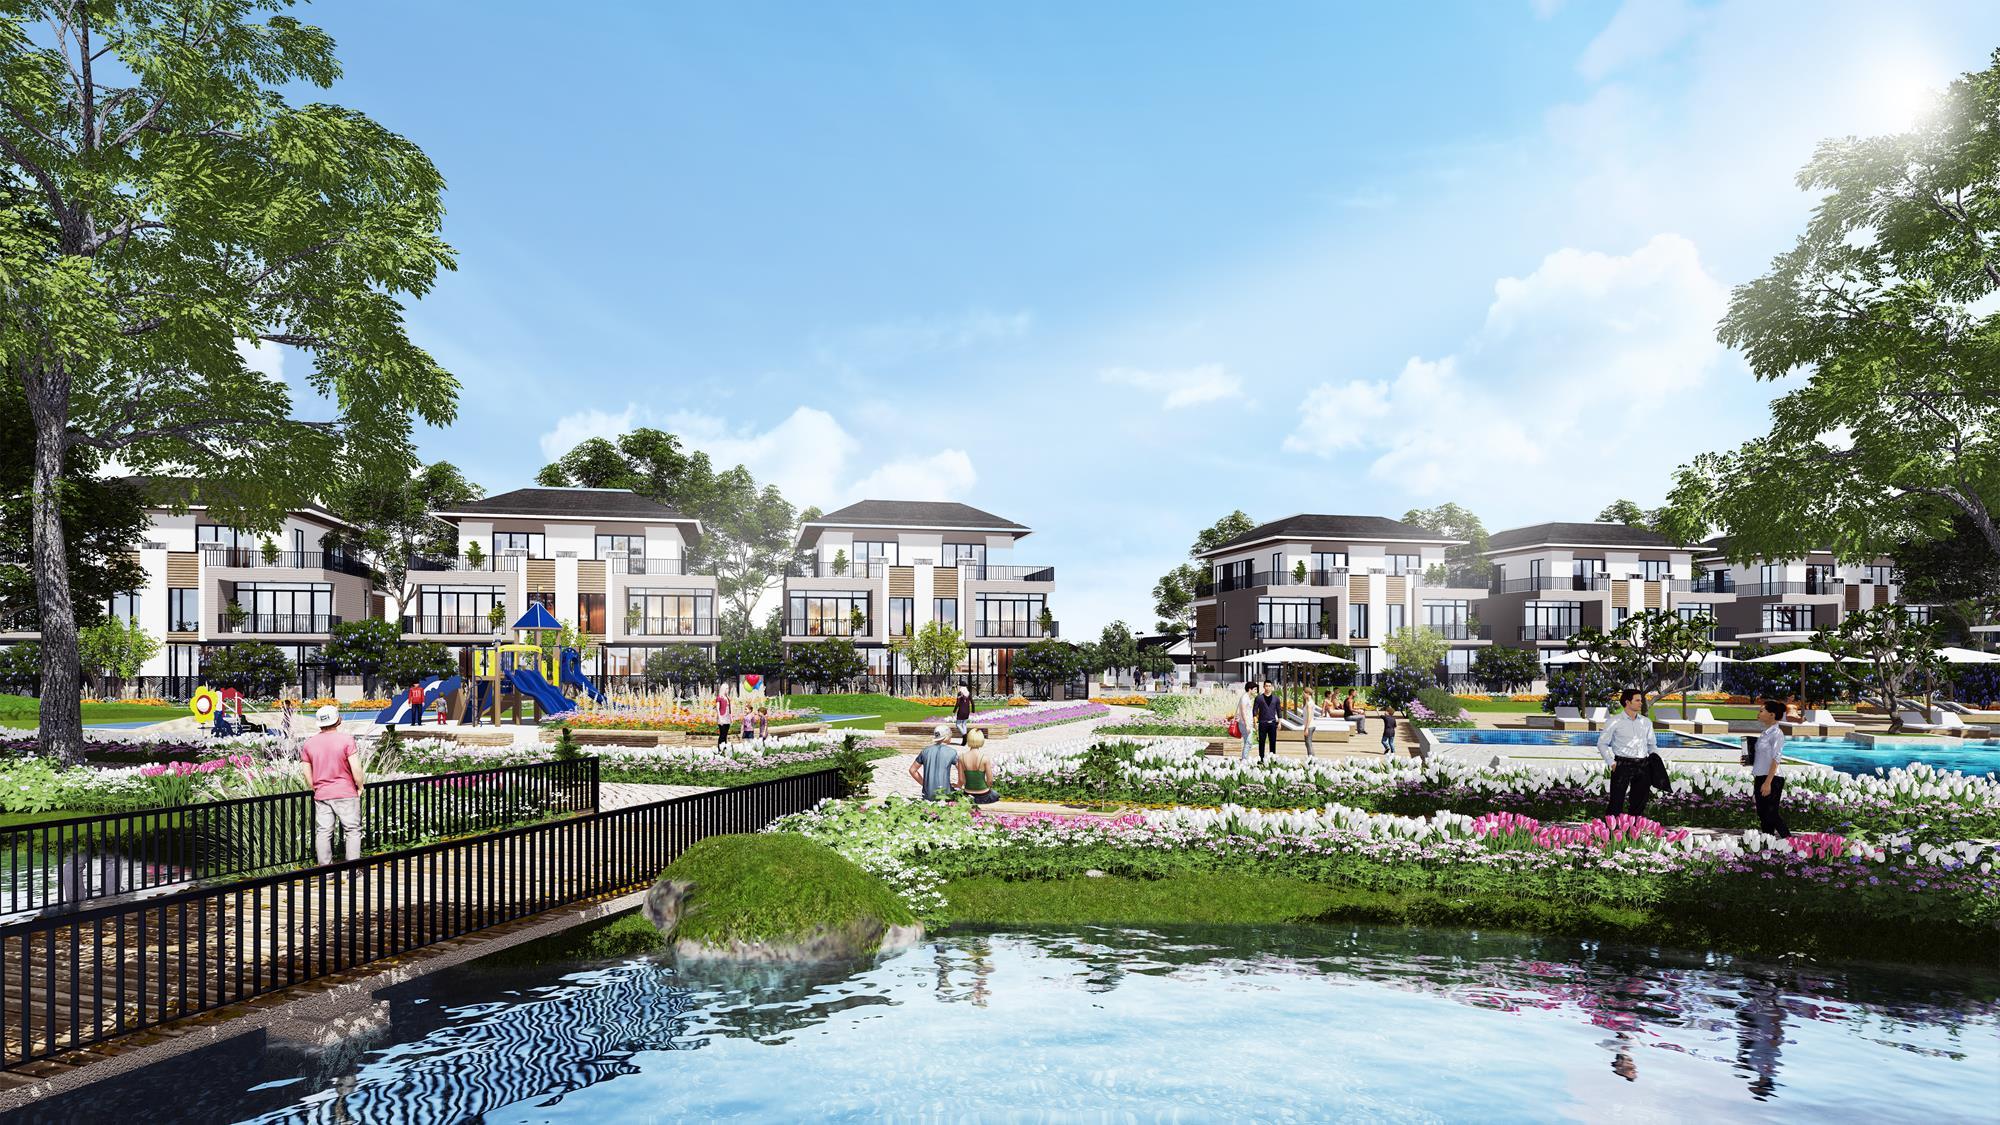 Lavila Đông Sài Gòn Kiến Á quận 2 – Nét chấm phá kiến trúc trong thiết kế nhà phố hiện đại. 2